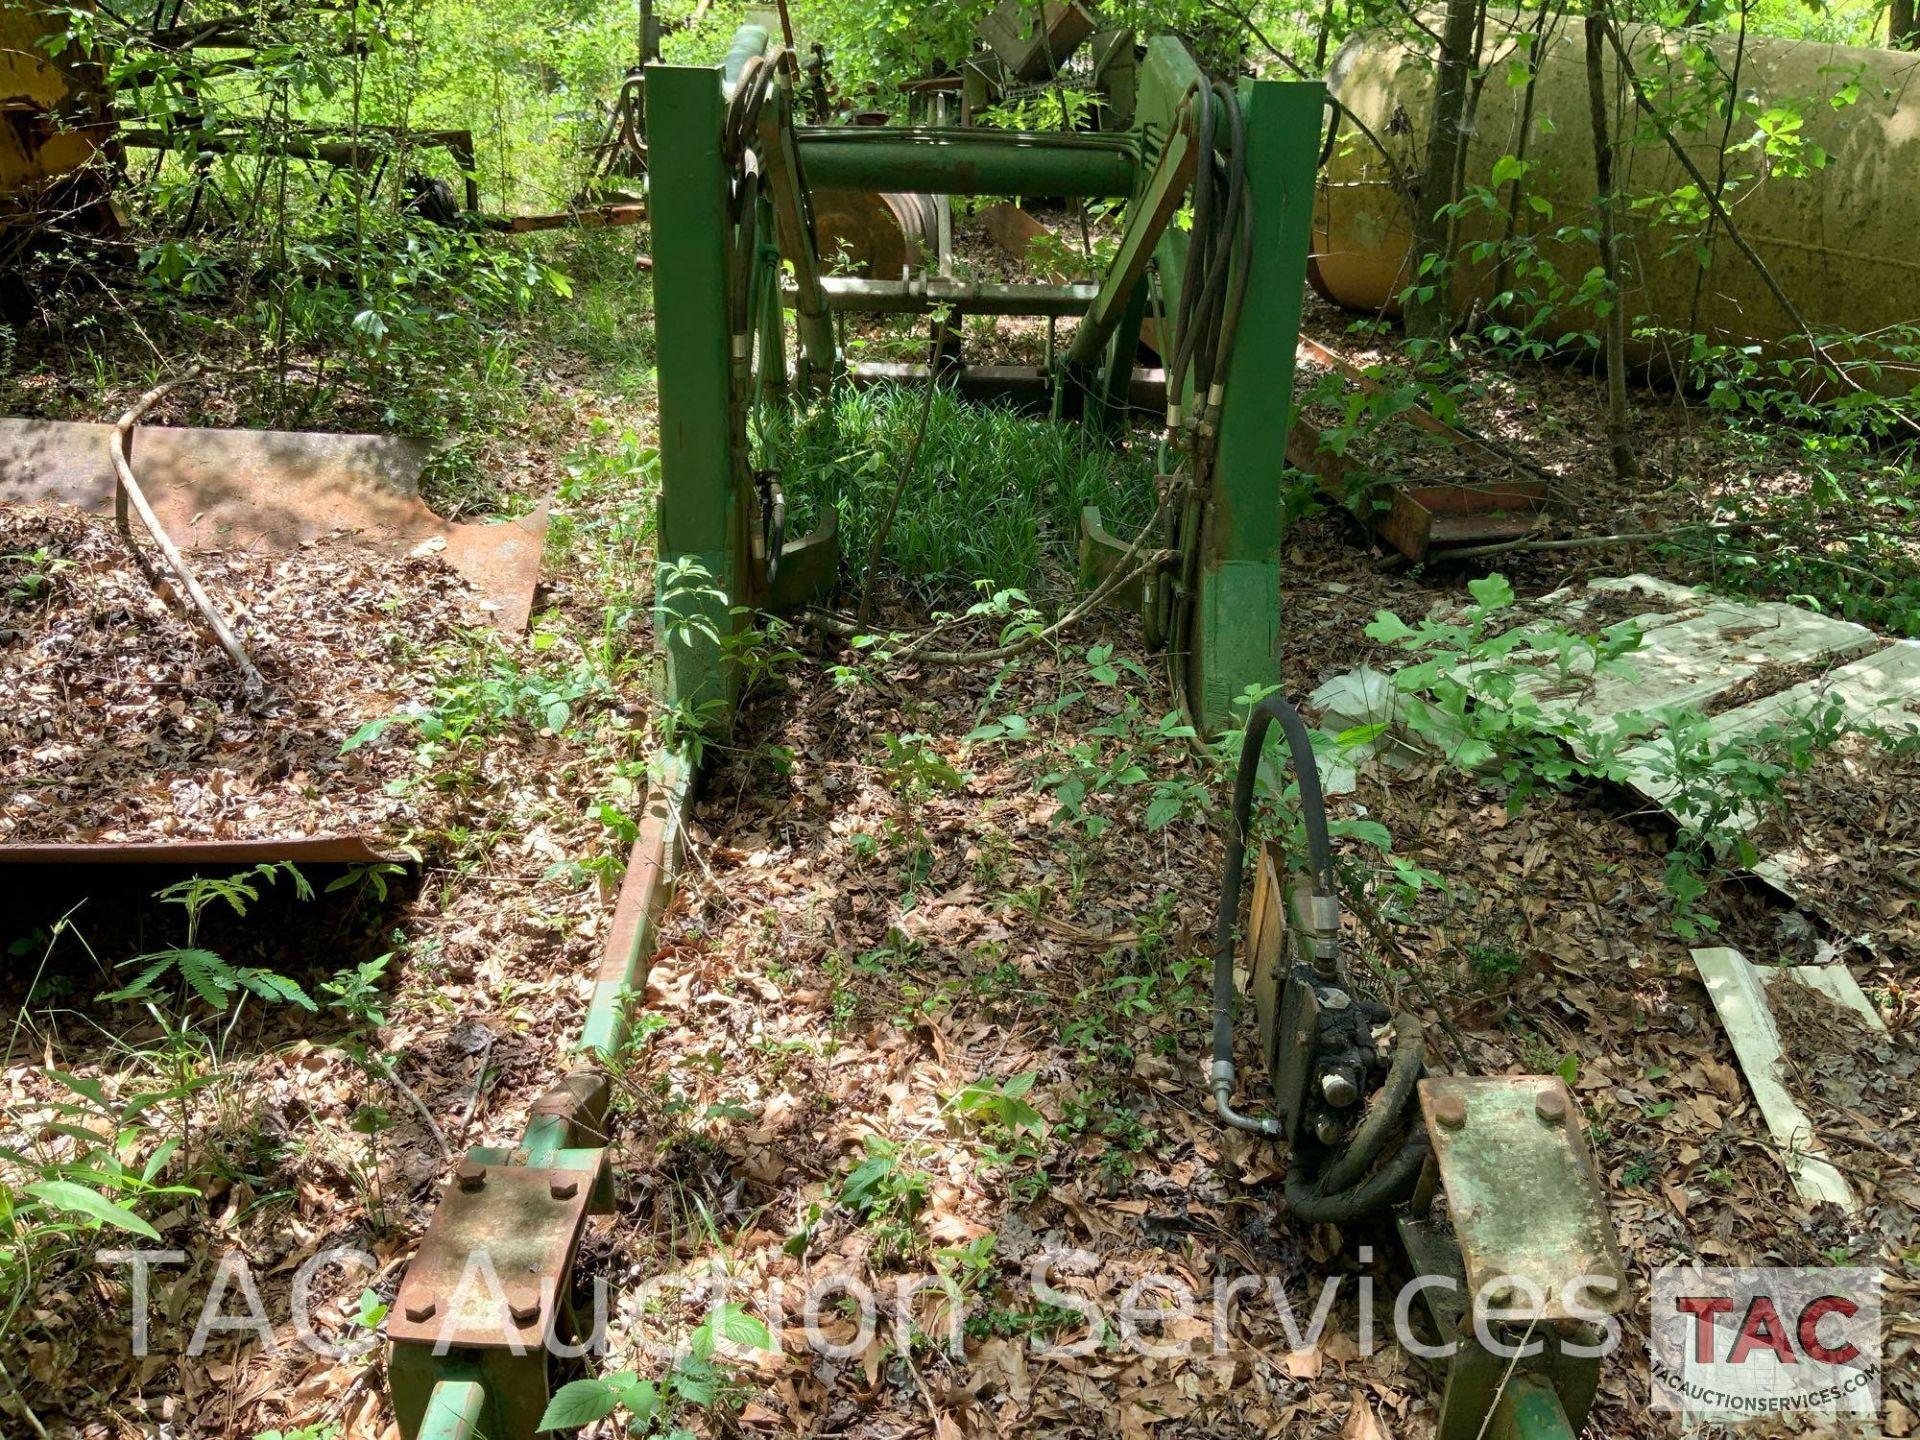 John Deere 4440 Tractor - Image 21 of 31